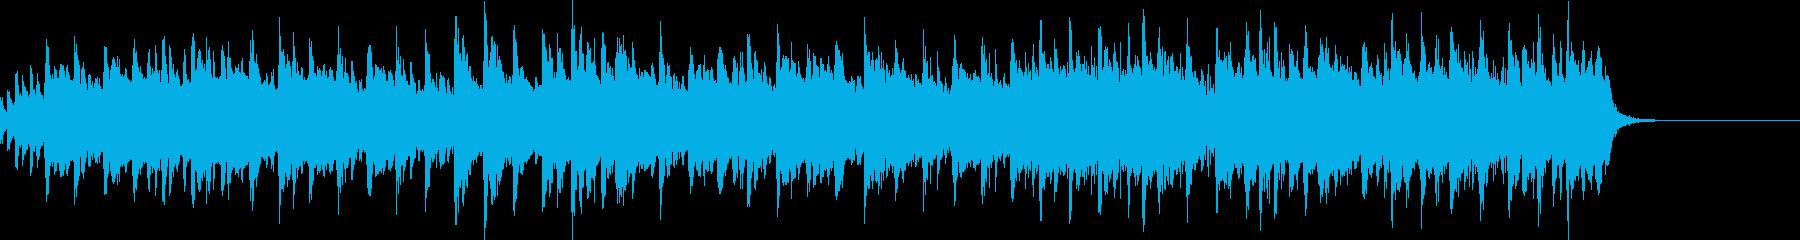 バンジョーによる軽快なフォークソングの再生済みの波形